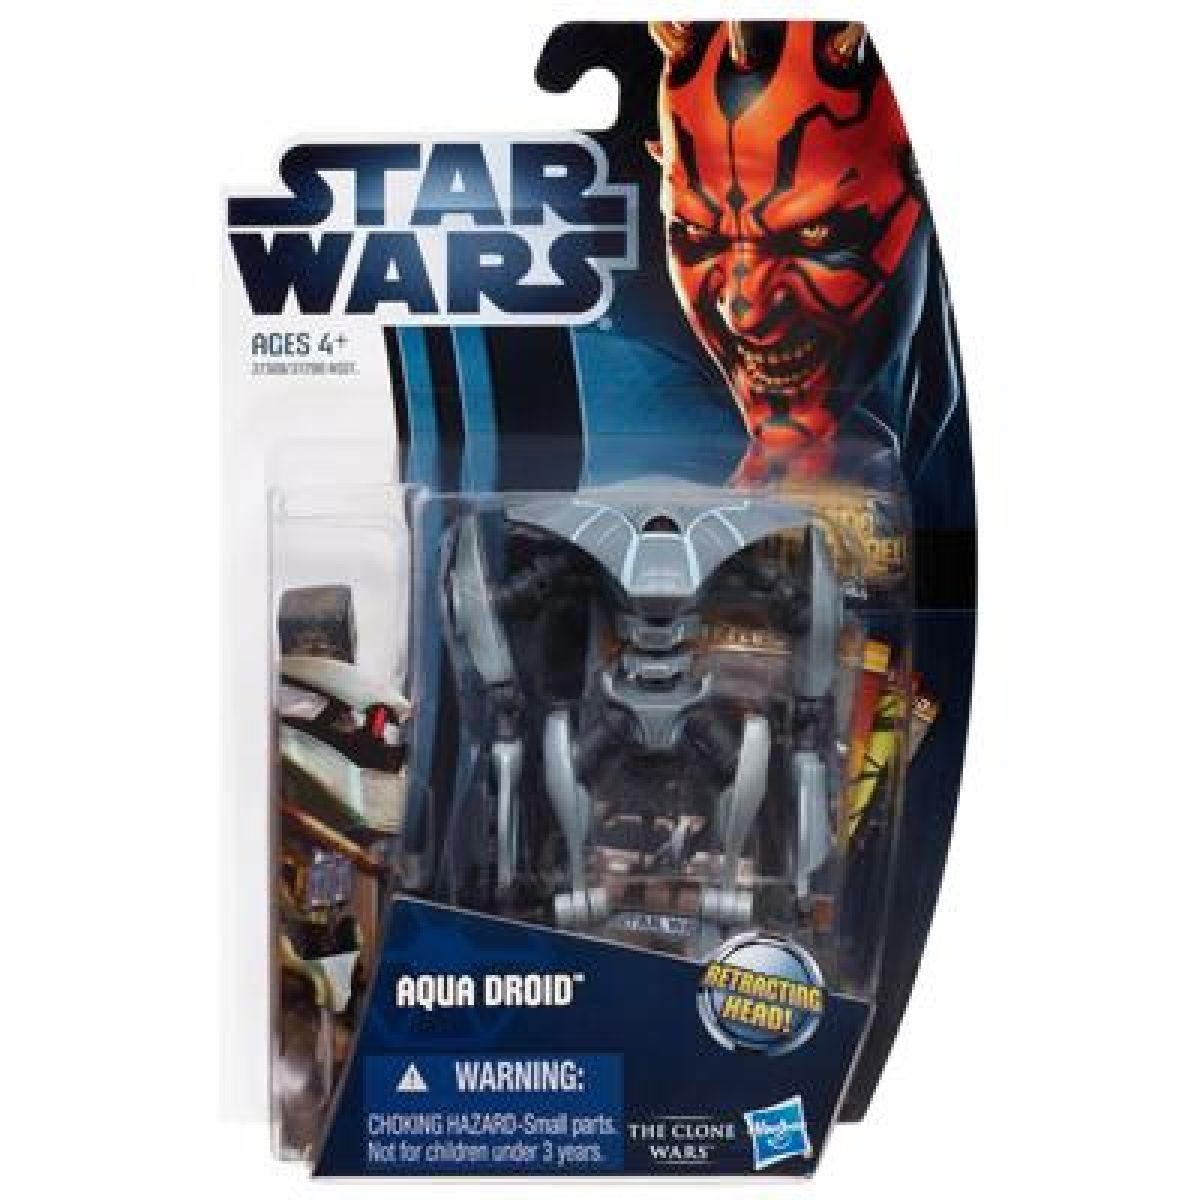 Star Wars figurky clone wars Hasbro 37290 - 501 Legion Clone Trooper